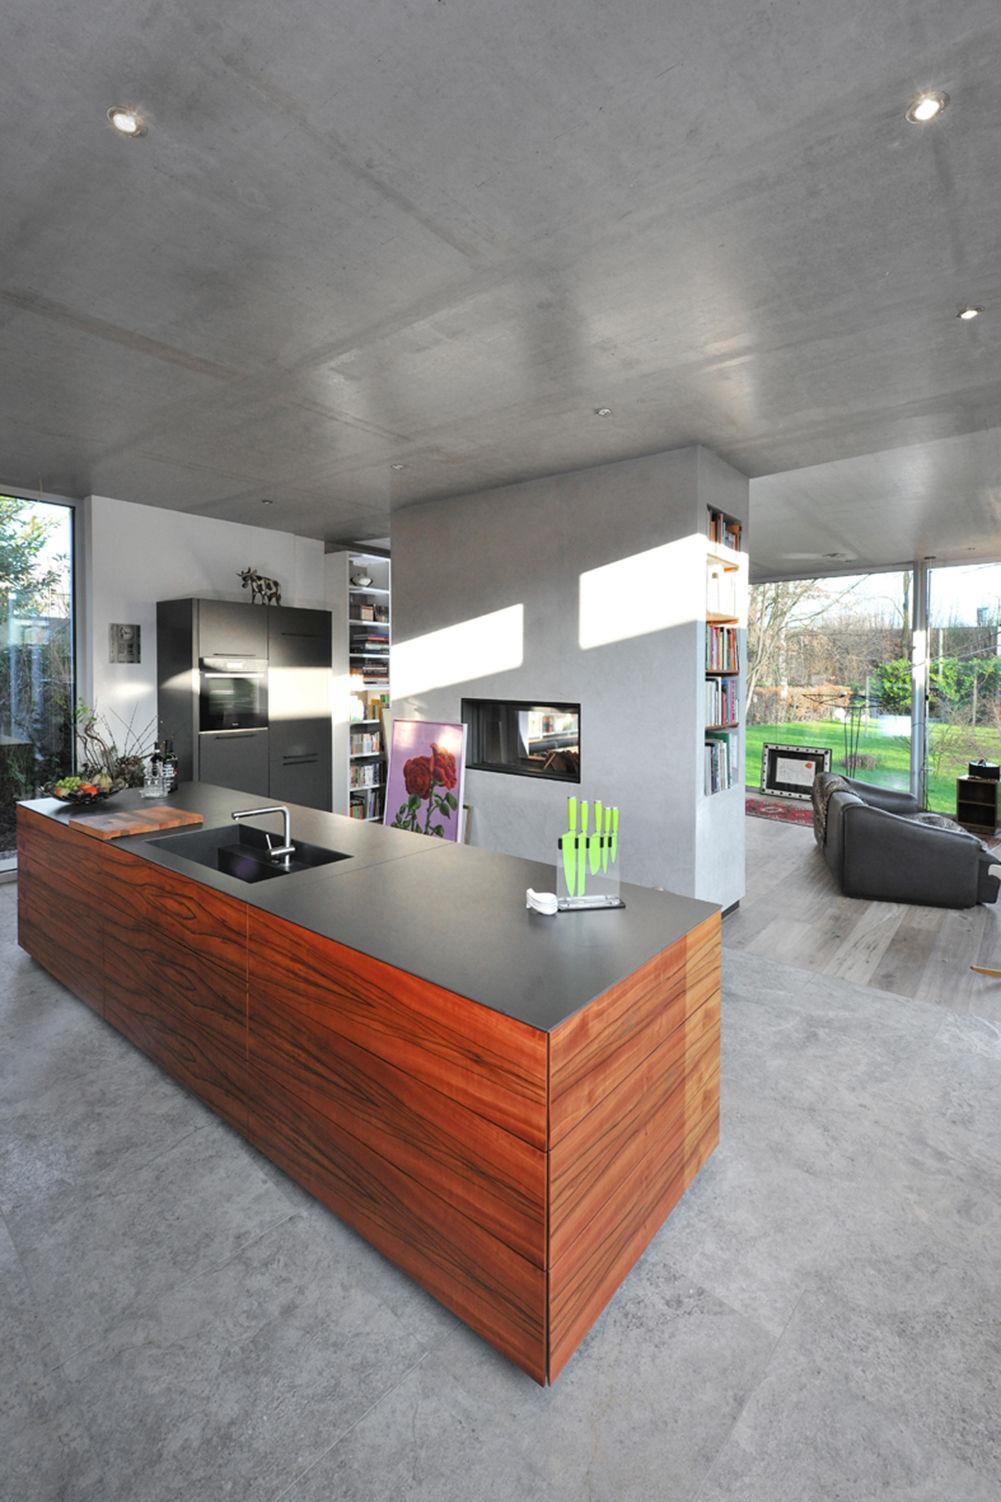 kamin als raumteiler zwischen k che und wohnbereich. Black Bedroom Furniture Sets. Home Design Ideas